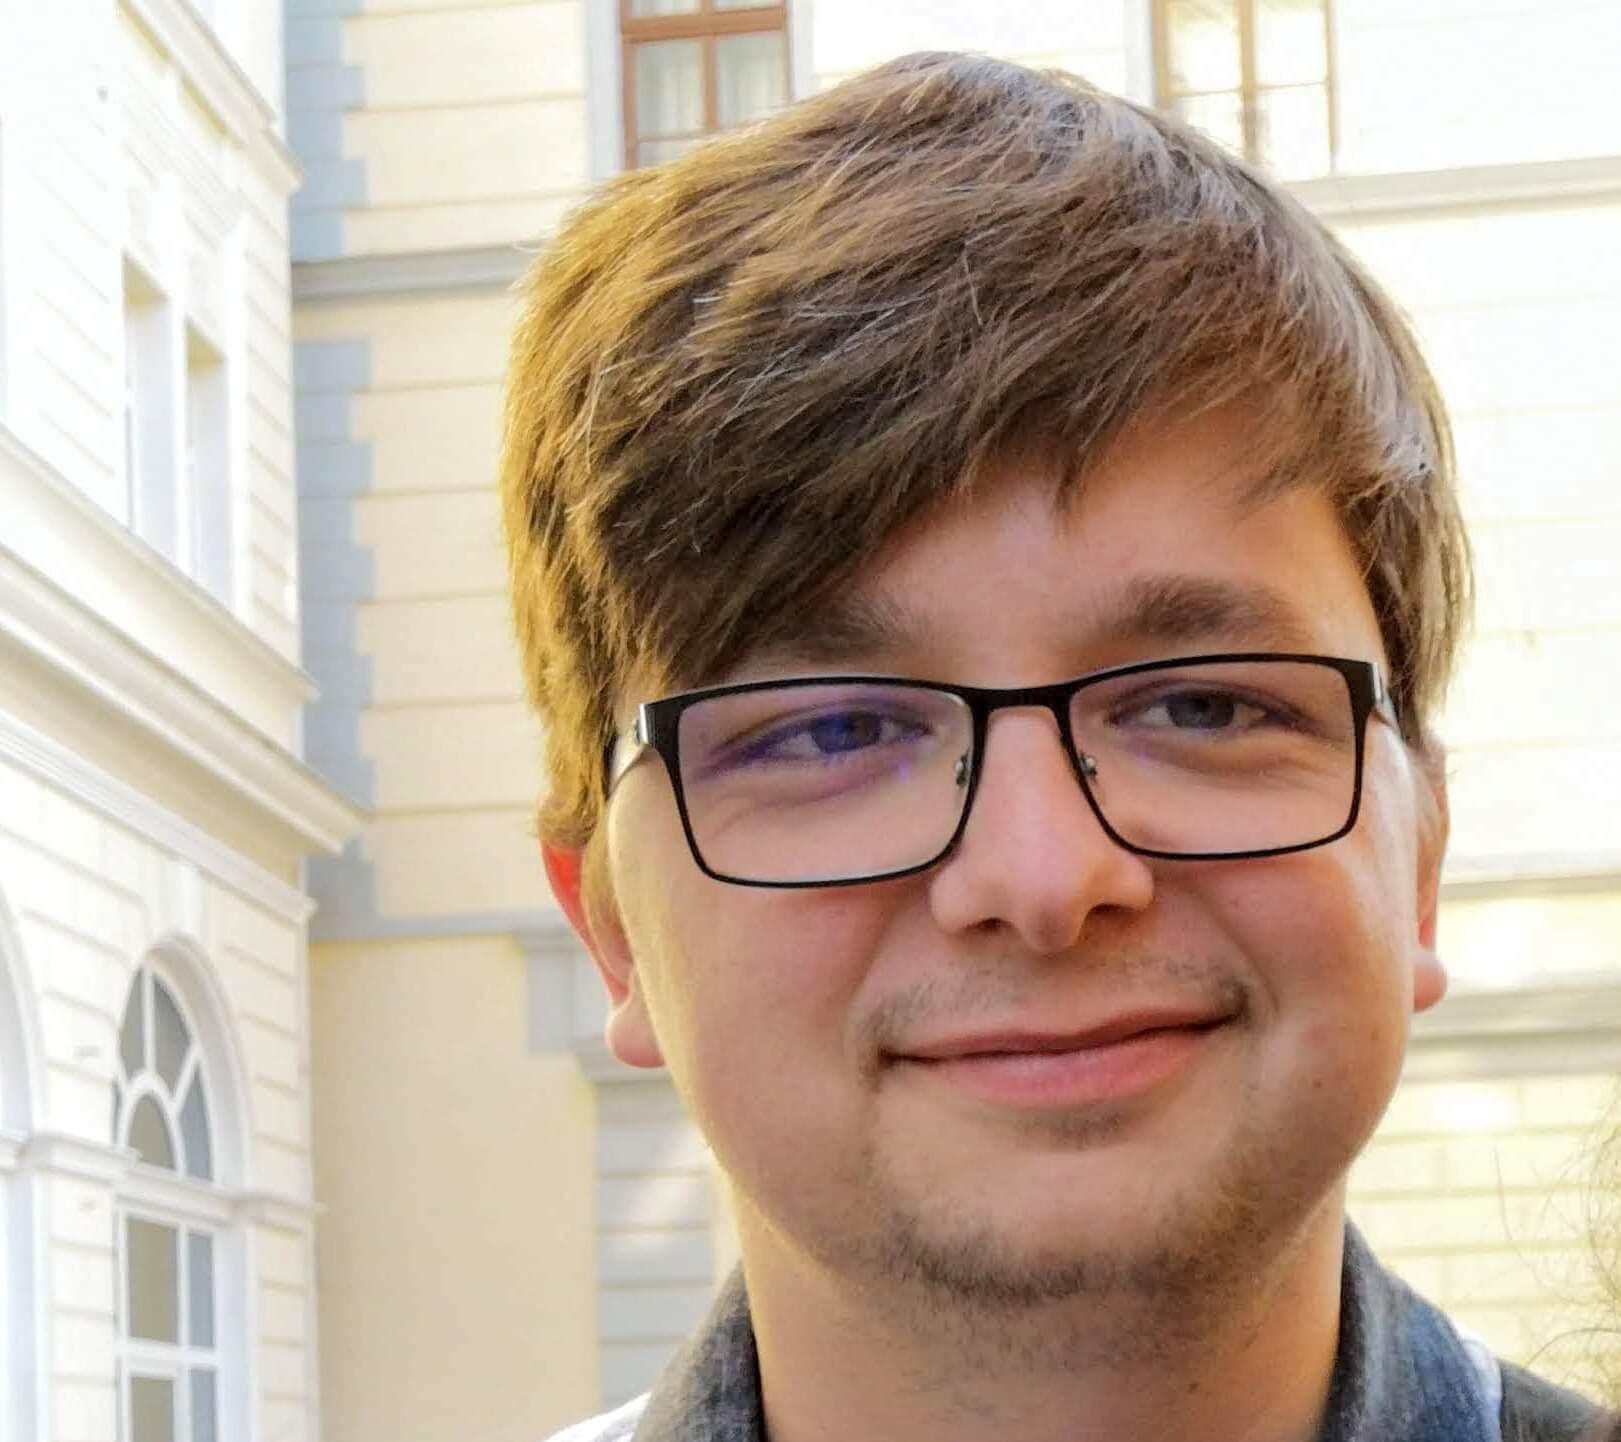 Emanuel Stefan